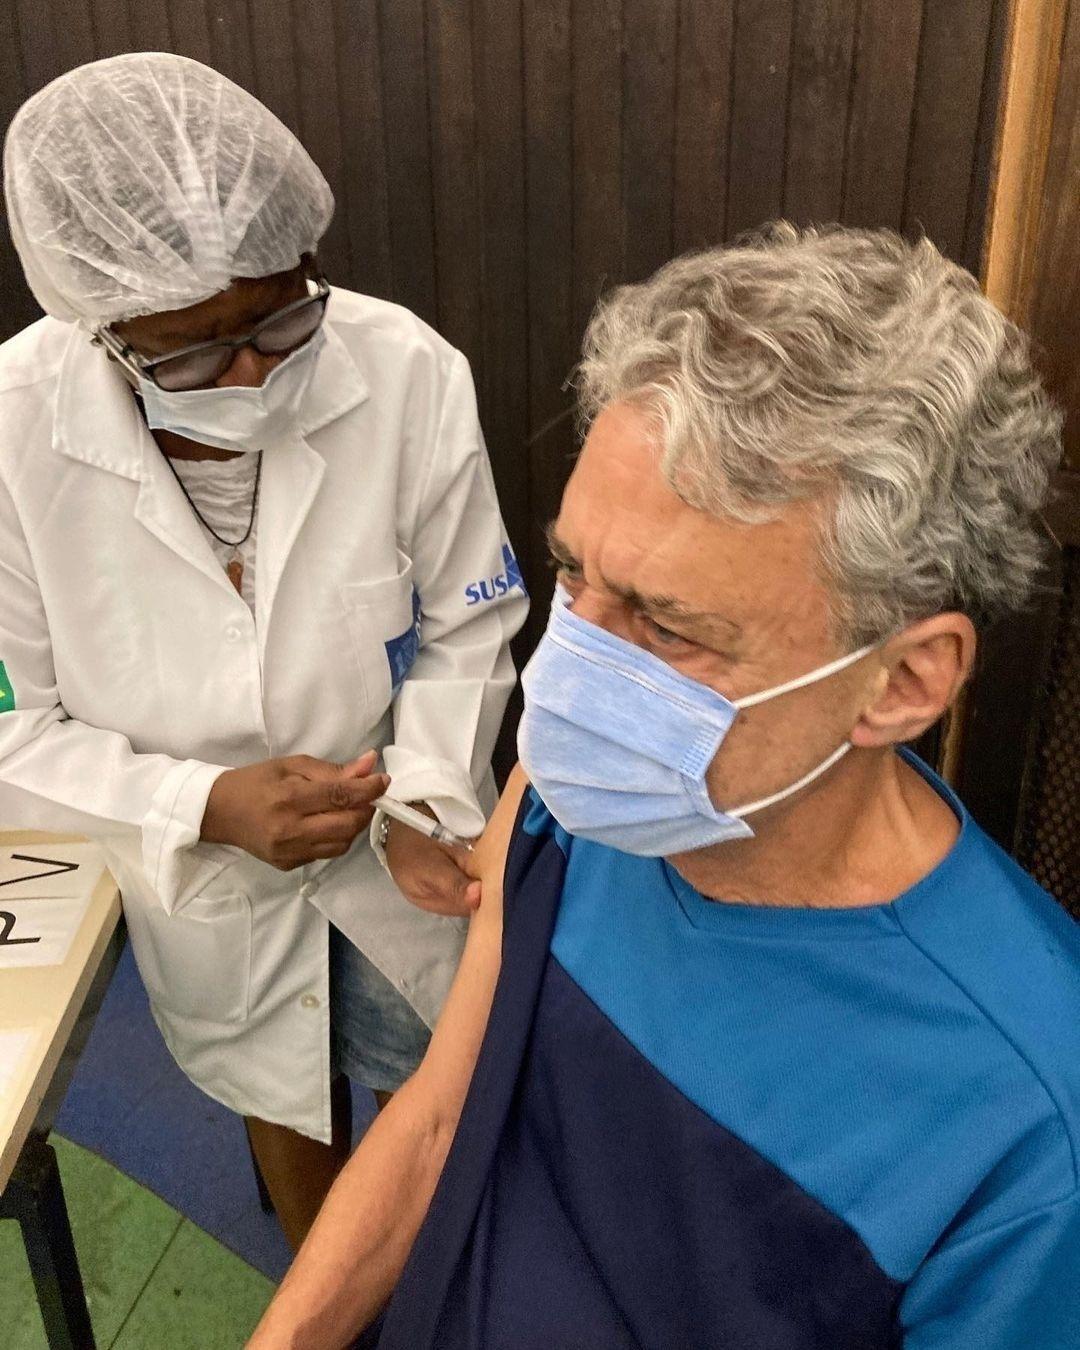 Chico Buarque recebe vacina contra covid-19 - Reprodução/Instagram